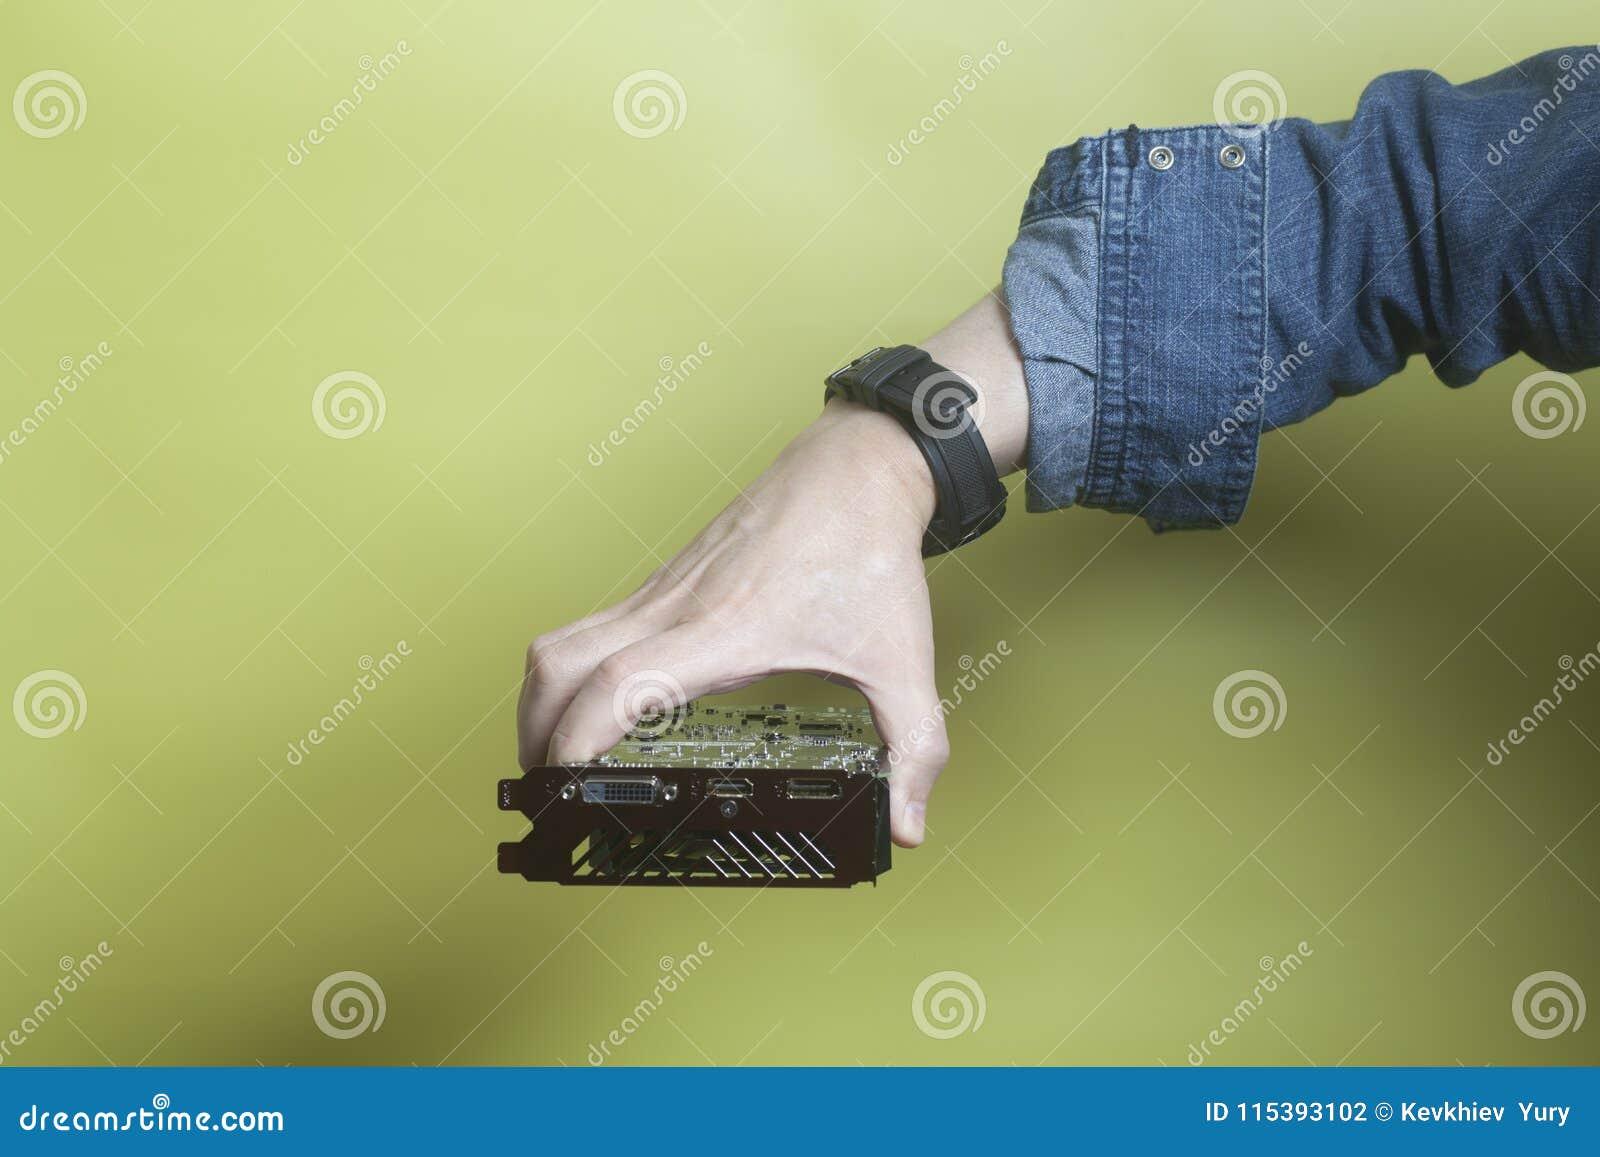 Videocard graphique tenant la main